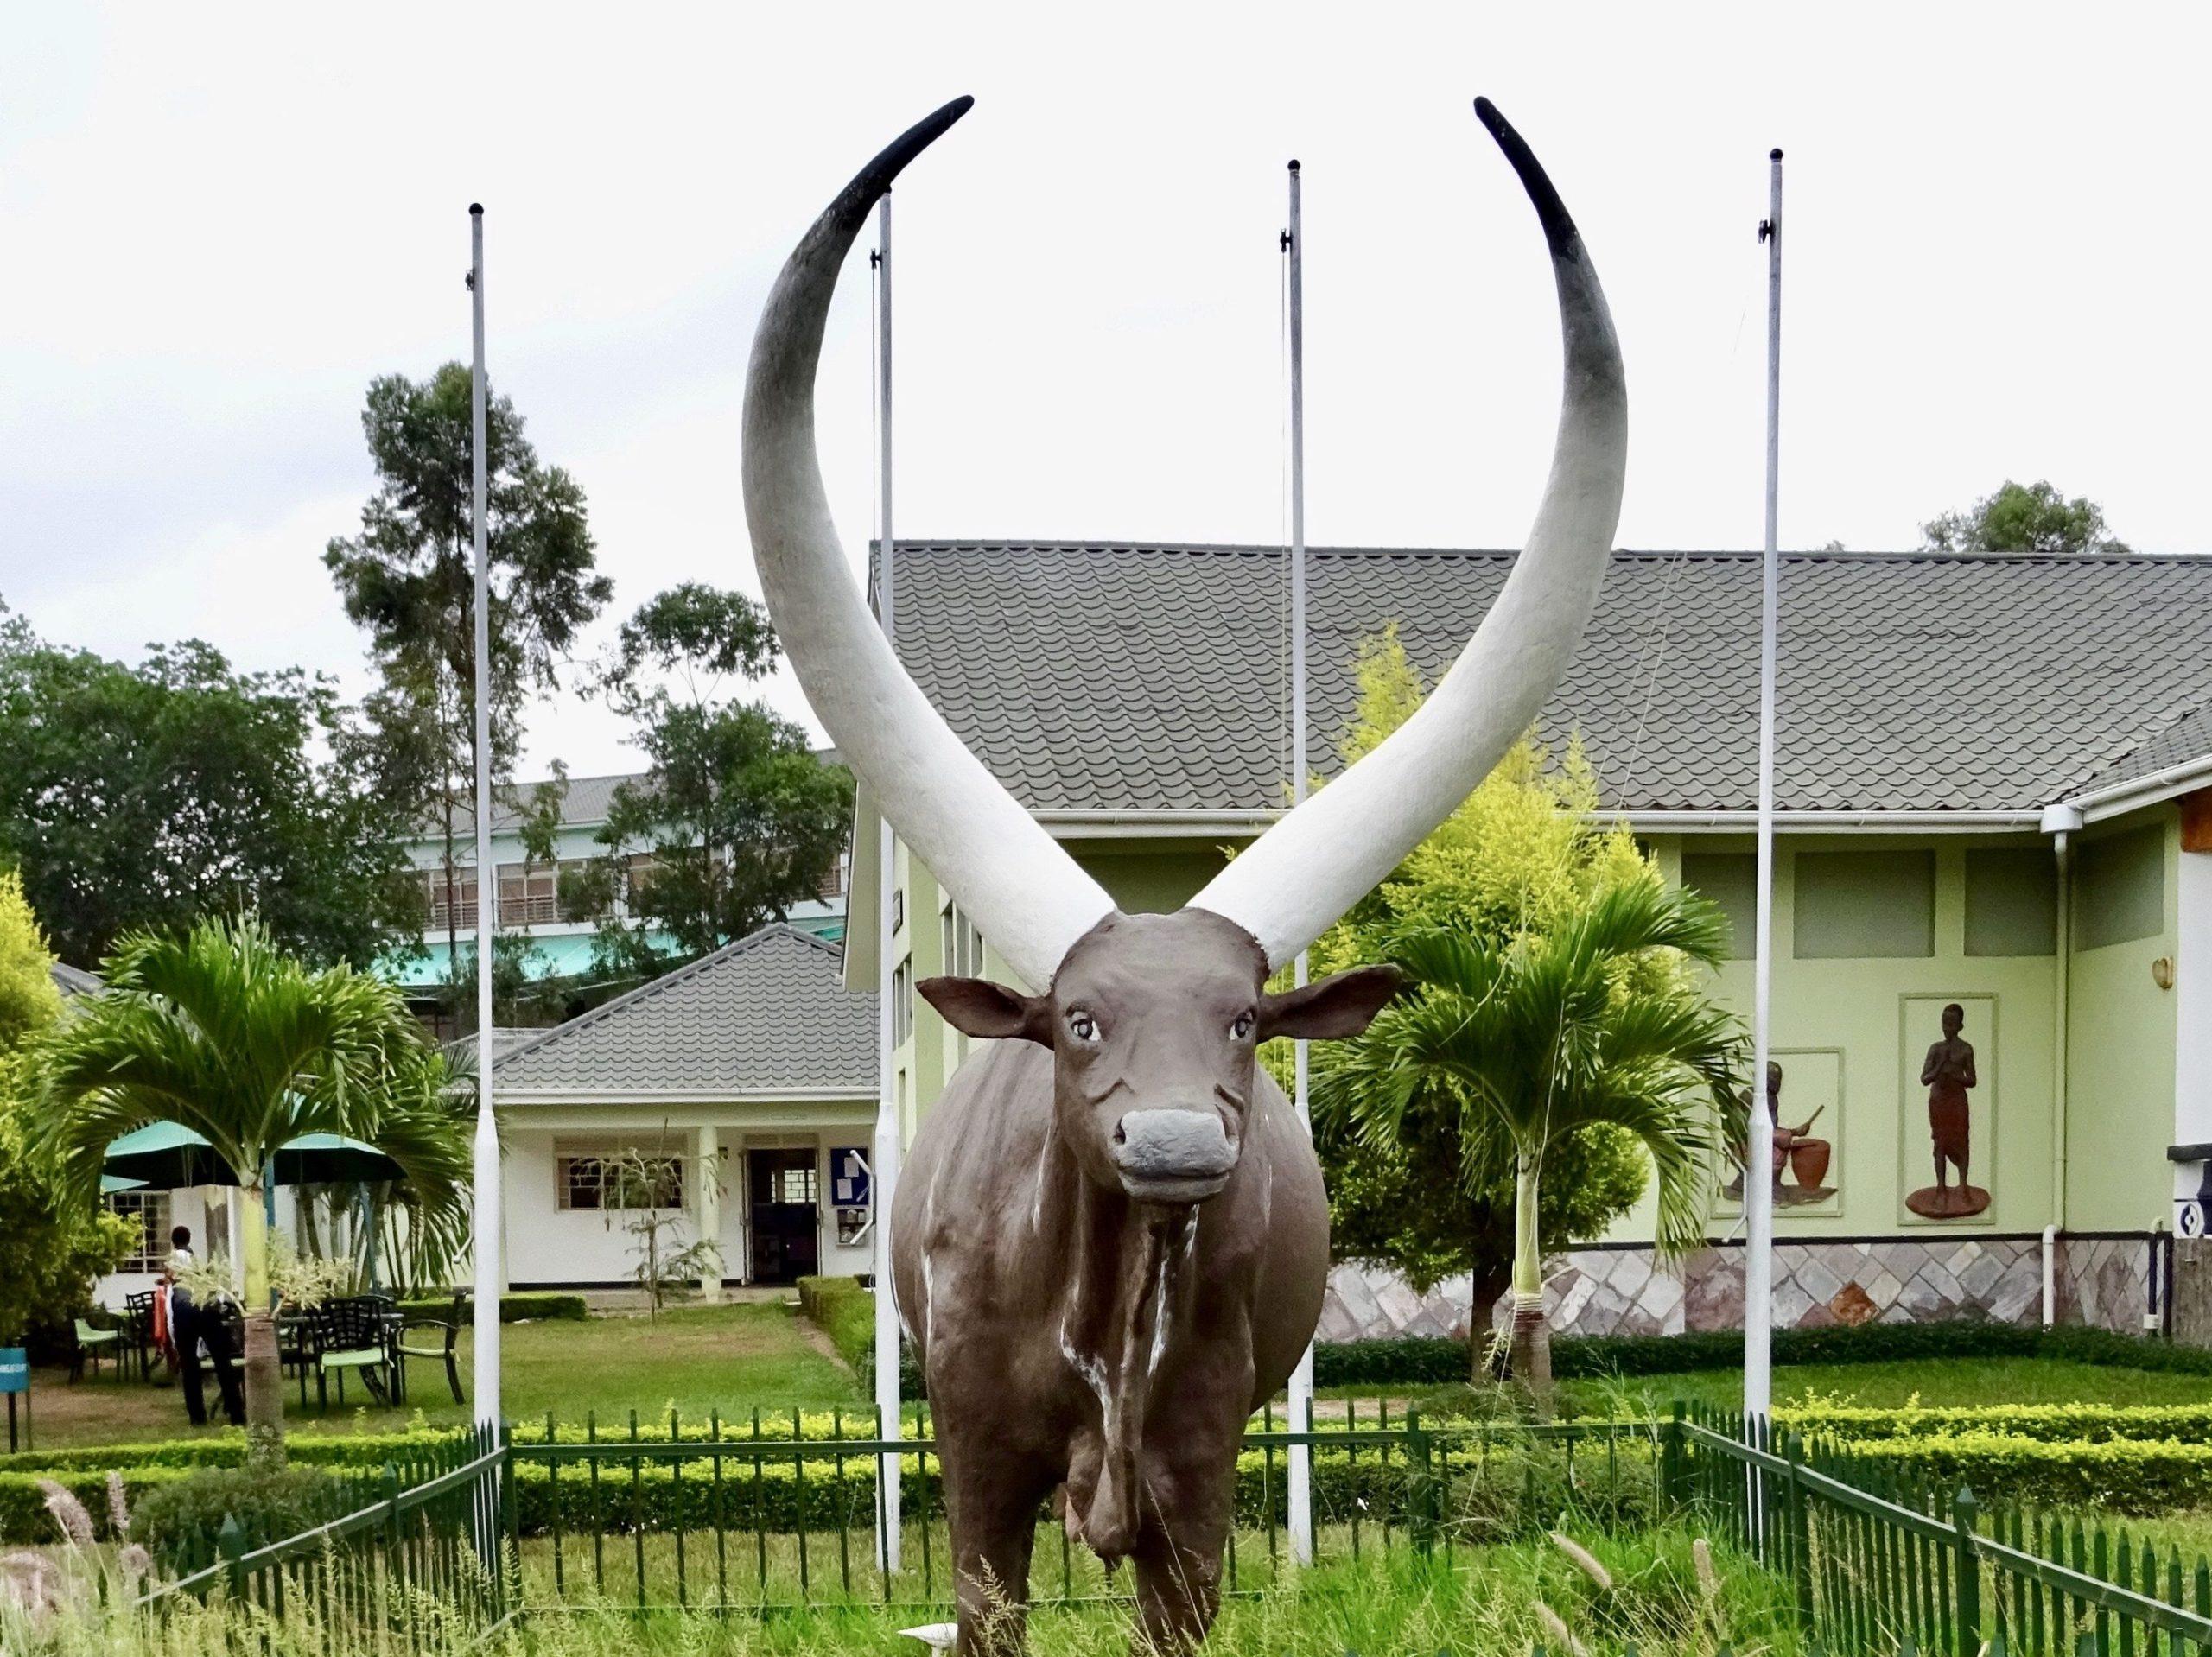 De Ankole koe met de grote hoorns